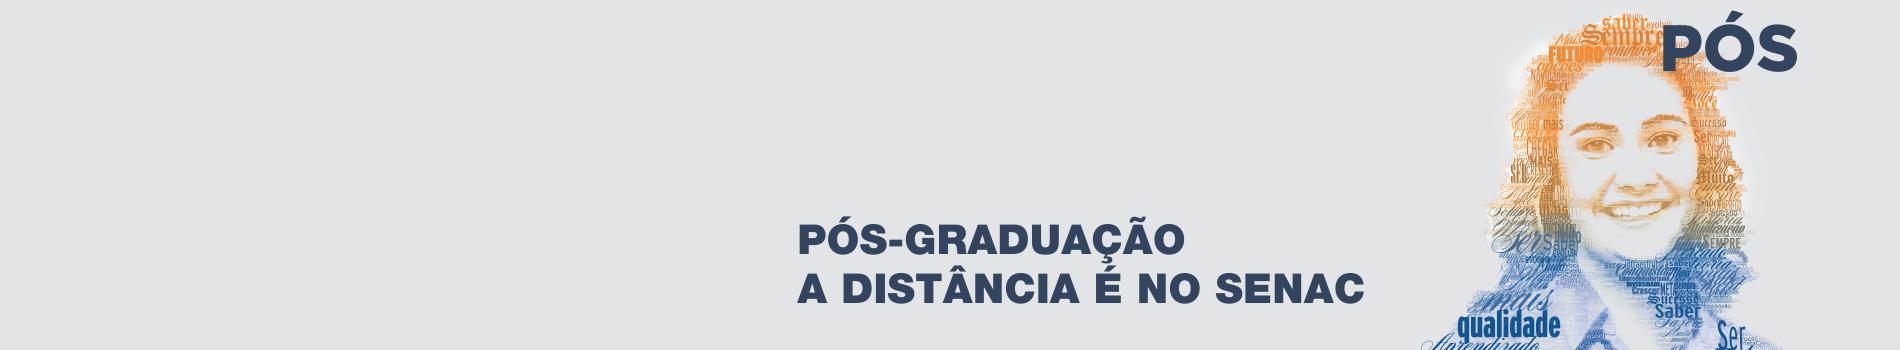 PÓS-GRADUAÇÃO >> Inscrições abertas!